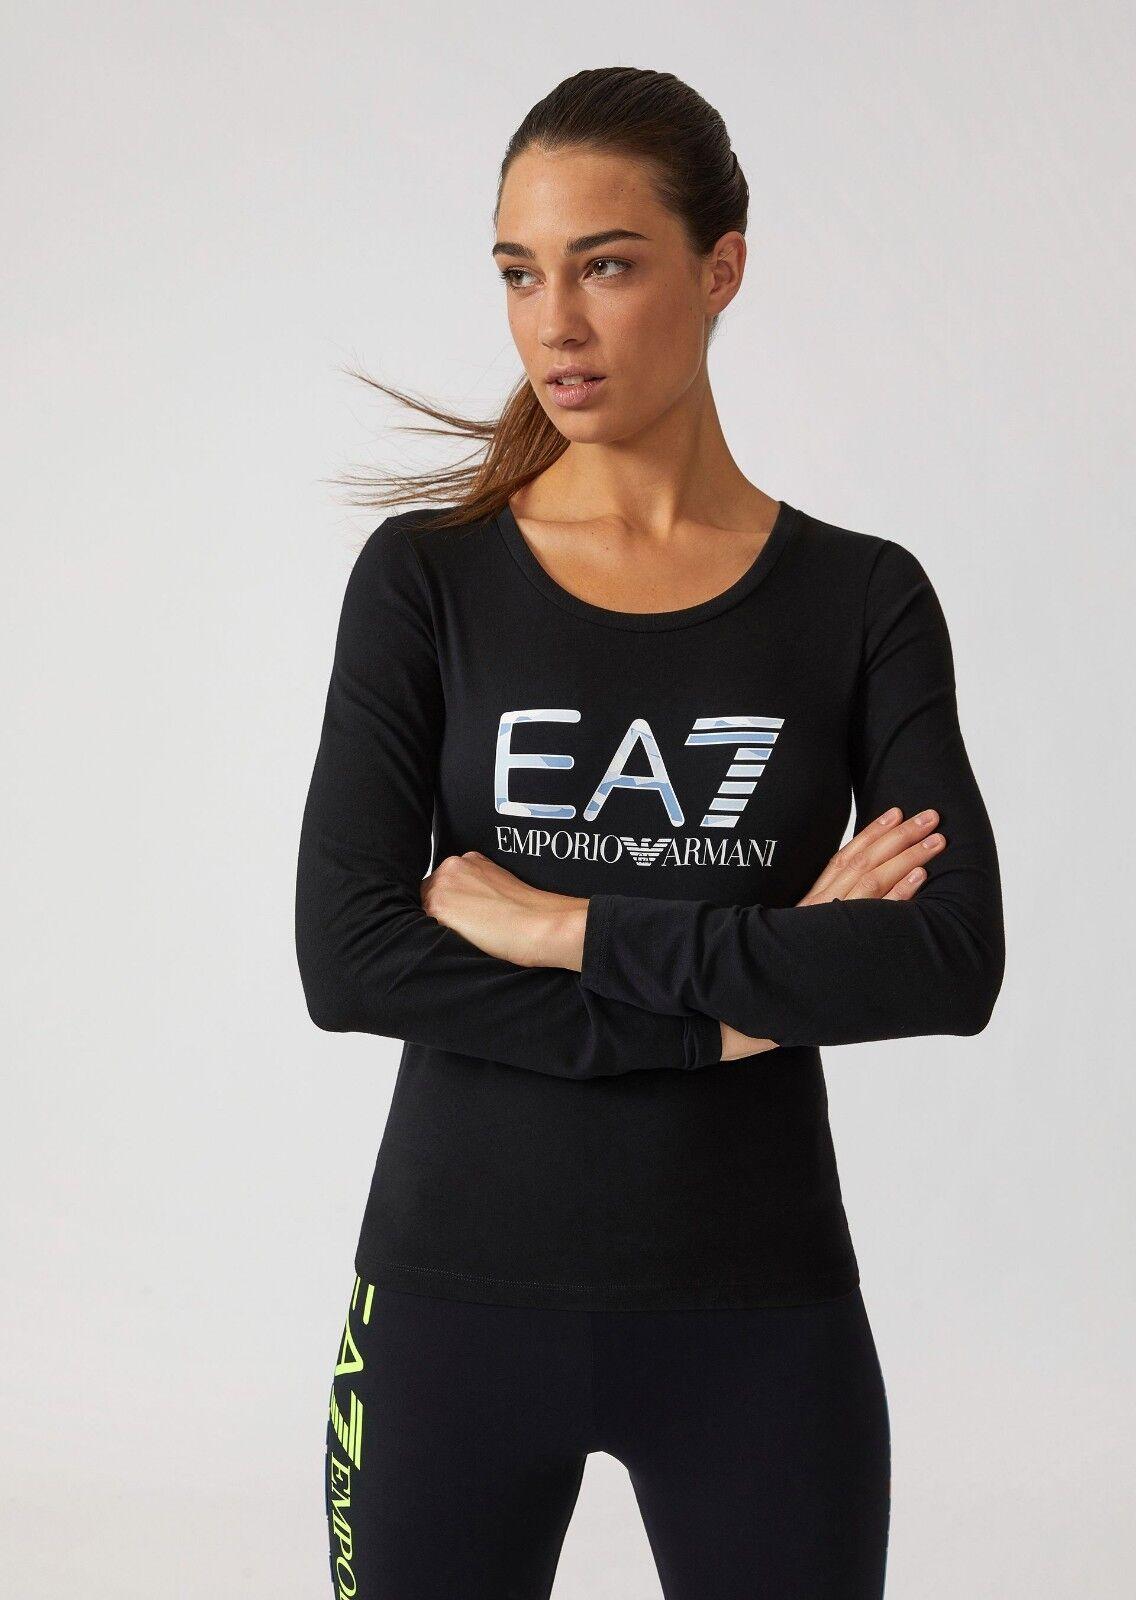 EMPORIO ARMANI,Damen Langarm-Shirt, Schwarz, Logo auf der Vorderseite,Baumwolle